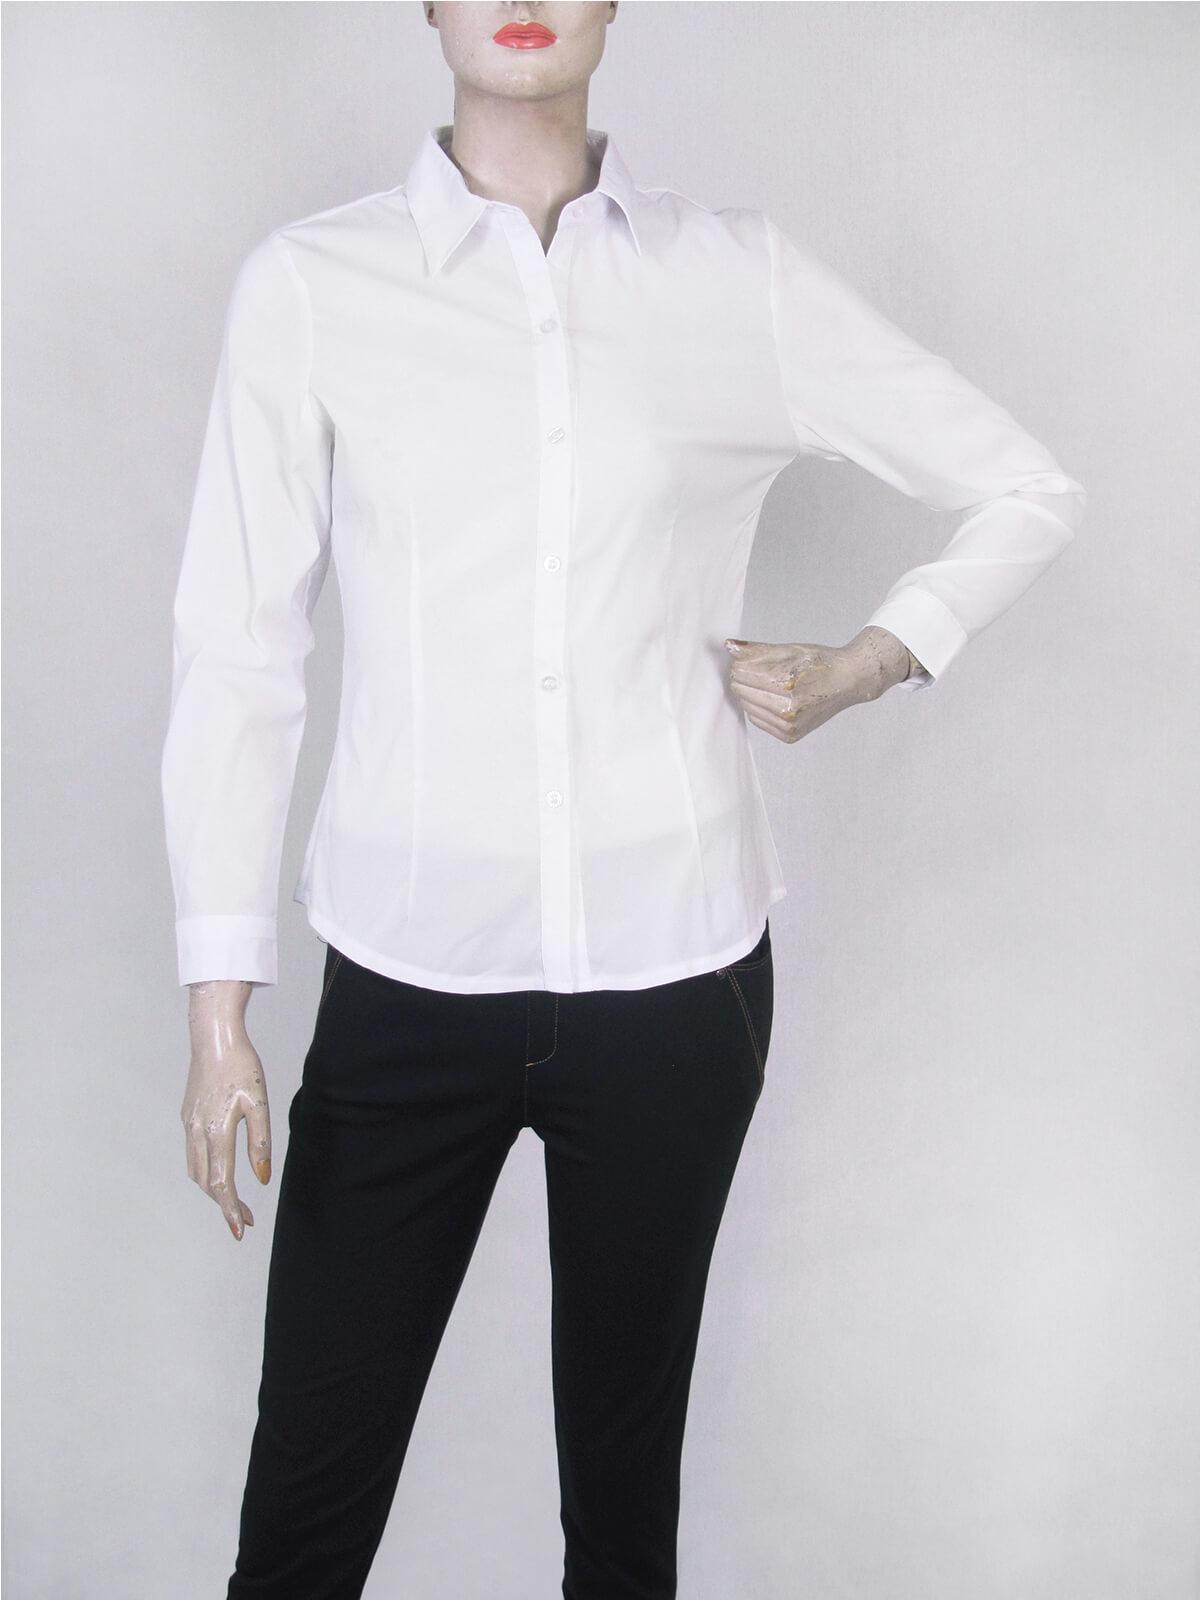 腰身剪裁淑女素面襯衫 修身長袖襯衫 合身顯瘦標準襯衫 正式襯衫 面試襯衫 上班族襯衫 商務襯衫 防曬襯衫 (333-A261-01)素面白色襯衫、(333-A261-21)素面黑色襯衫 胸圍32~50英吋 [實體店面保障] sun-e333 1